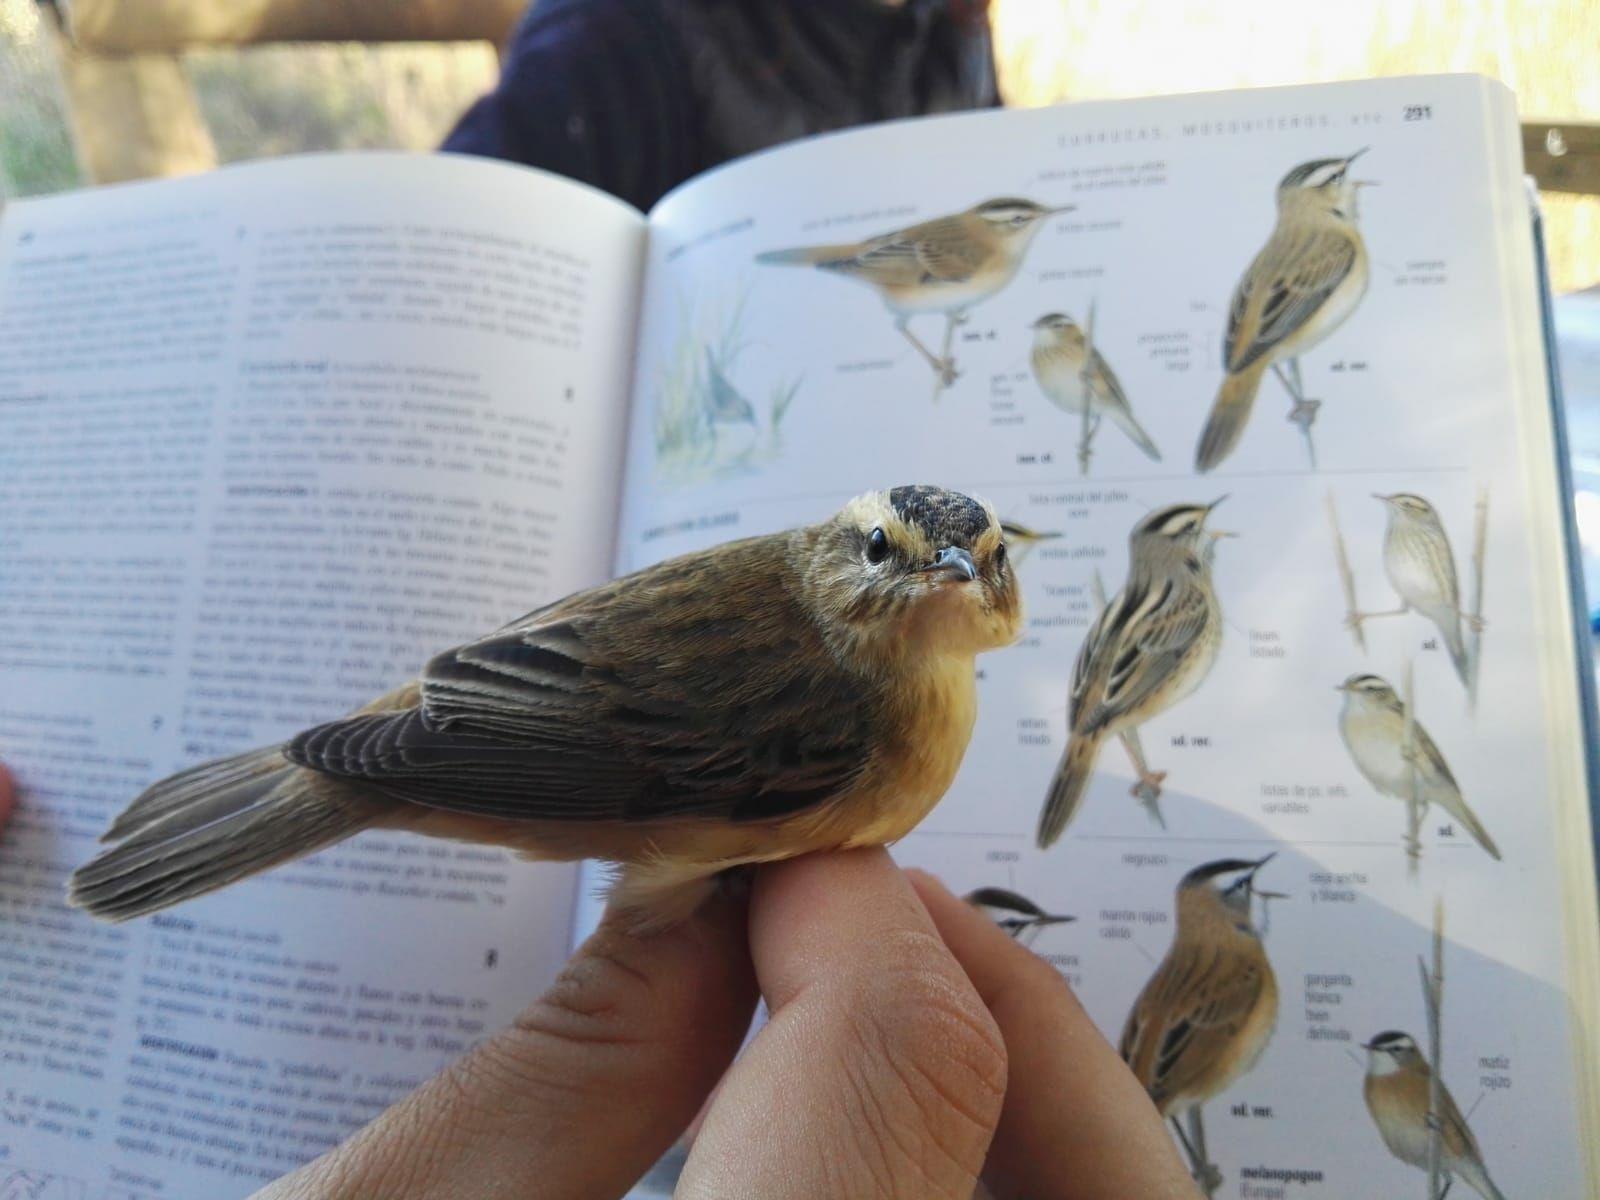 Campañas de anillamiento permitirán conocer a las aves de los humedales de Castilla-La Mancha